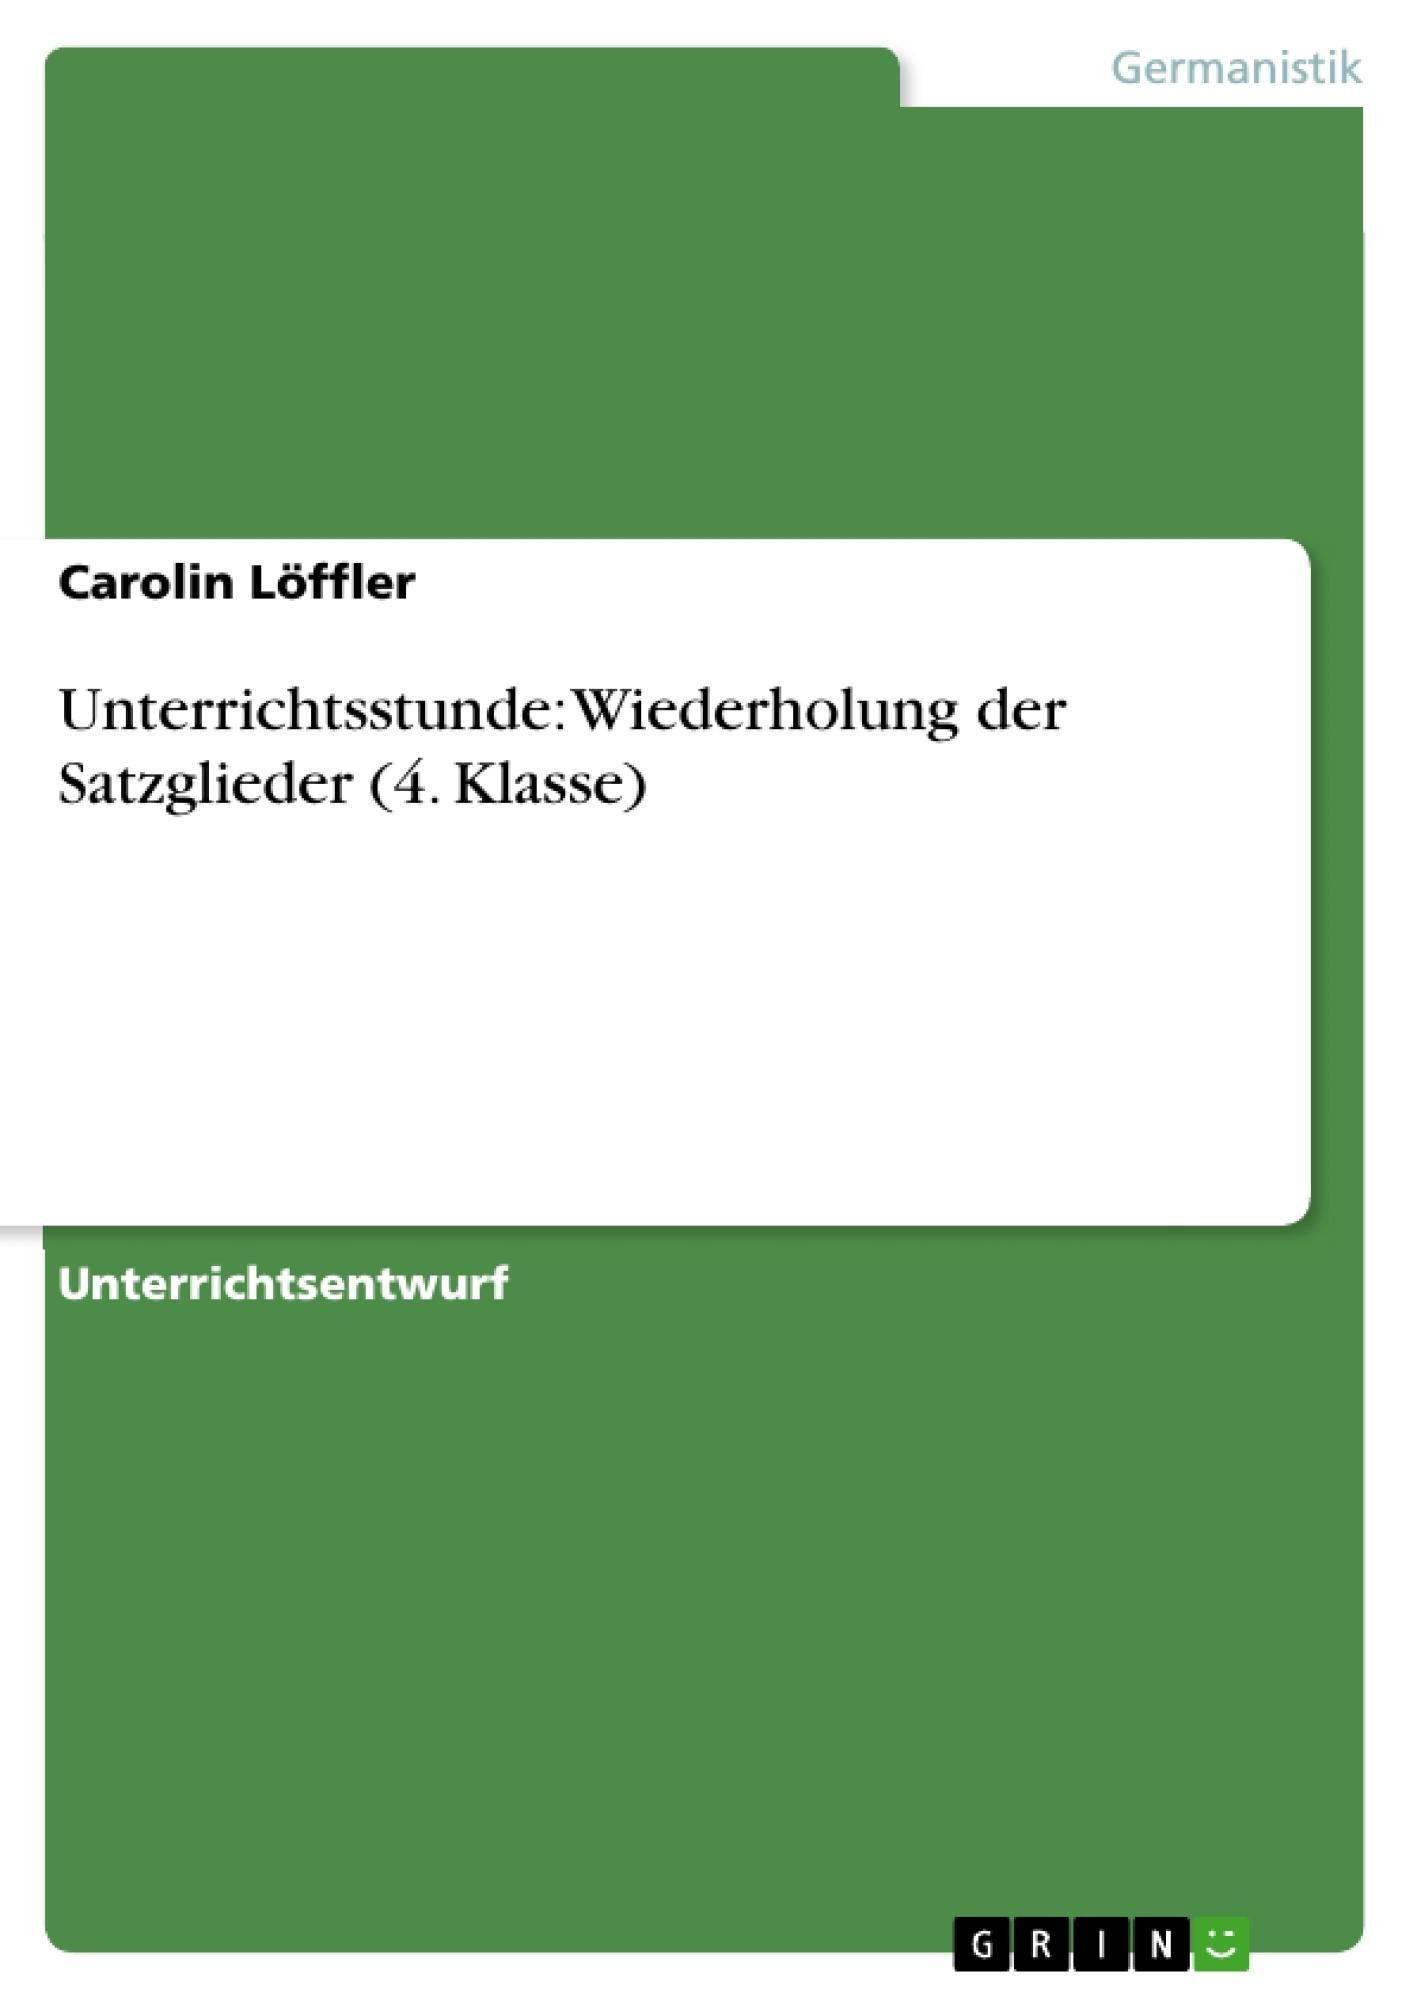 Titel: Unterrichtsstunde: Wiederholung der Satzglieder (4. Klasse)